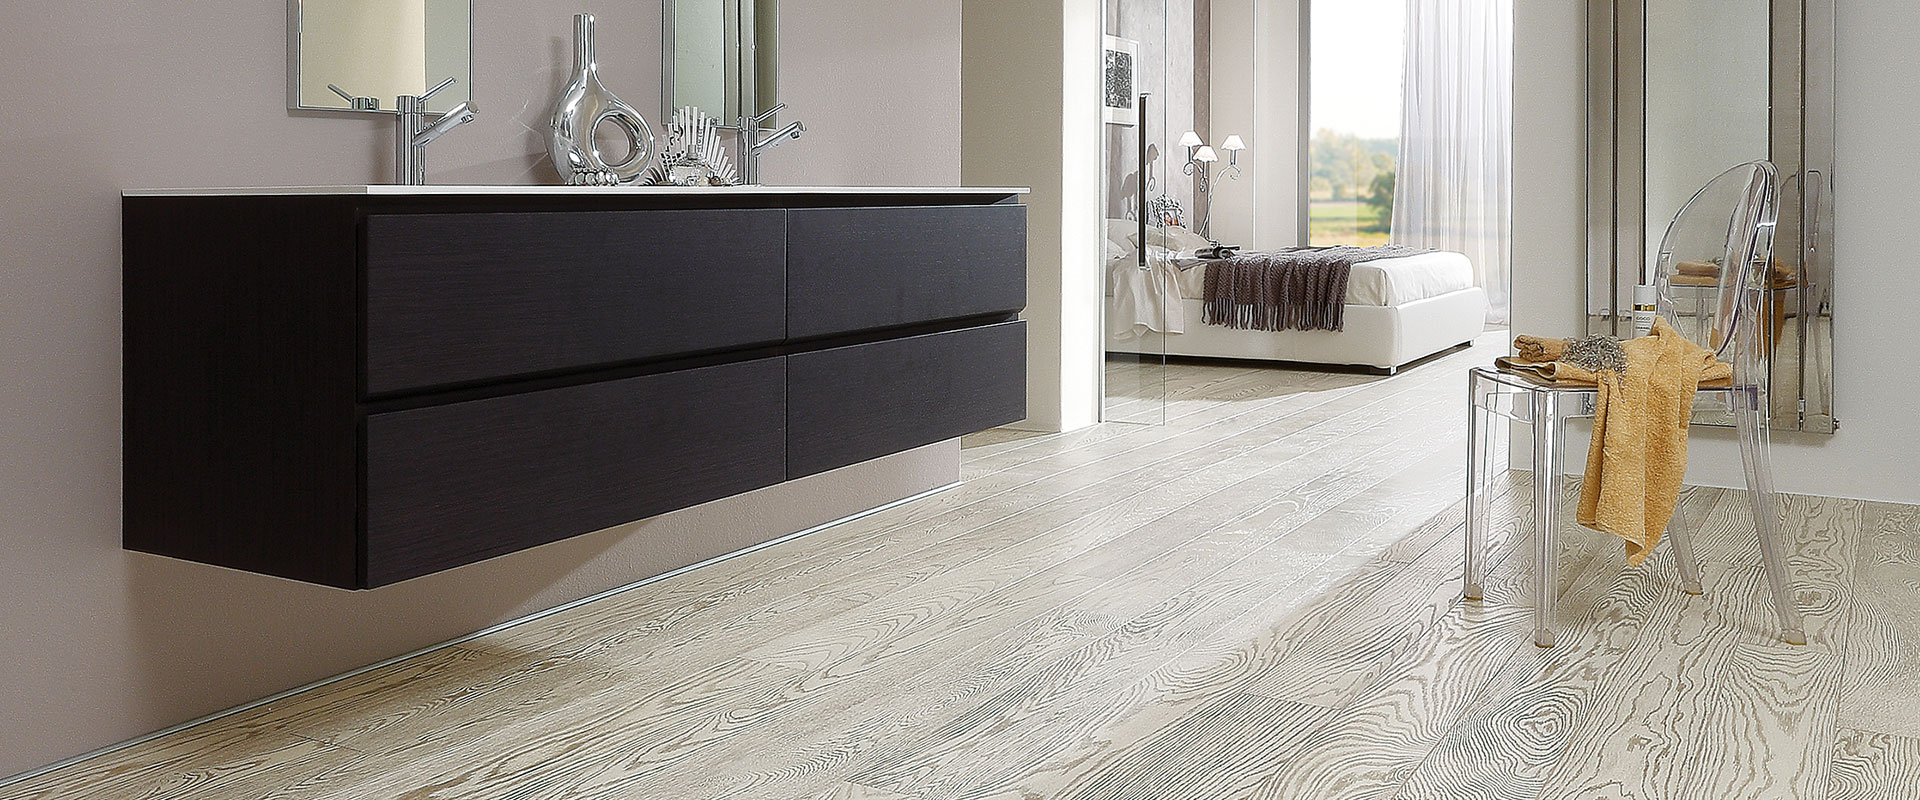 Gallery pavimento in legno per la sala da bagno garbelotto - Bagno pavimento legno ...